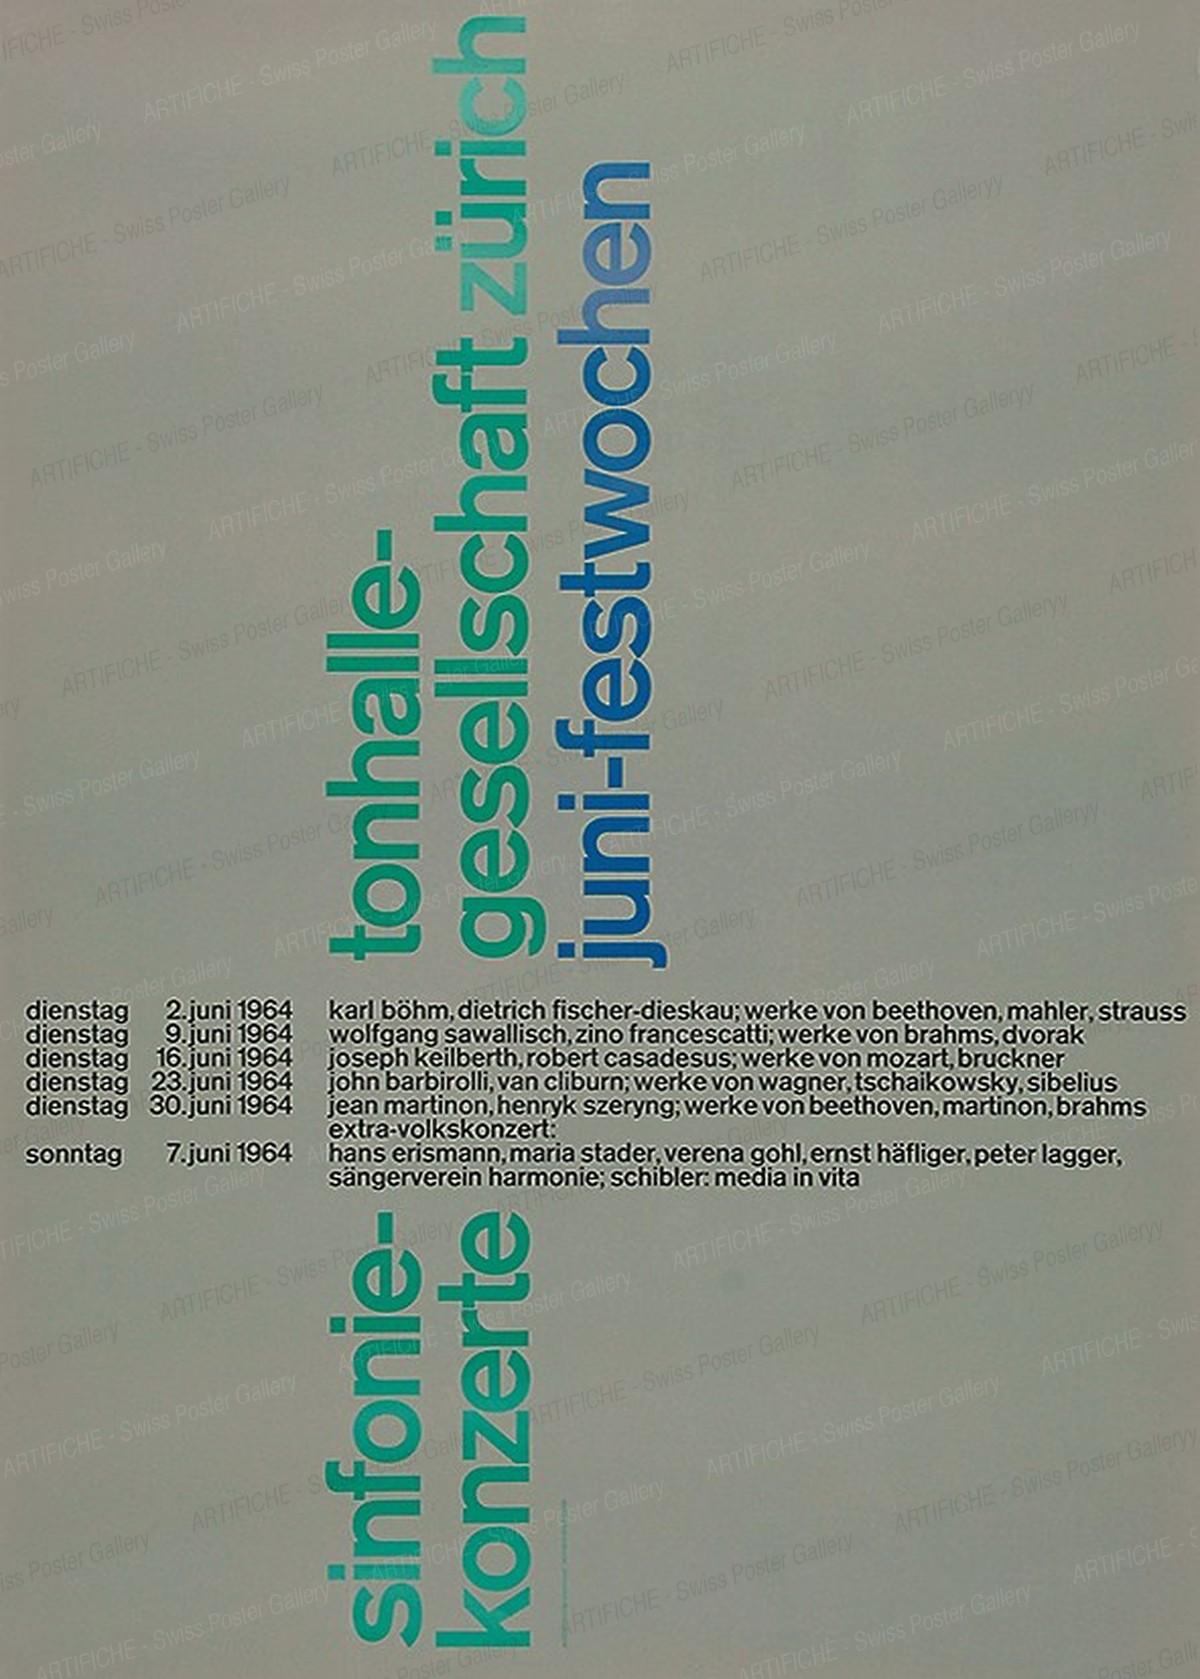 sinfonie-konzerte tonhalle-gesellschaft zürich juni-festwochen, Josef Müller-Brockmann